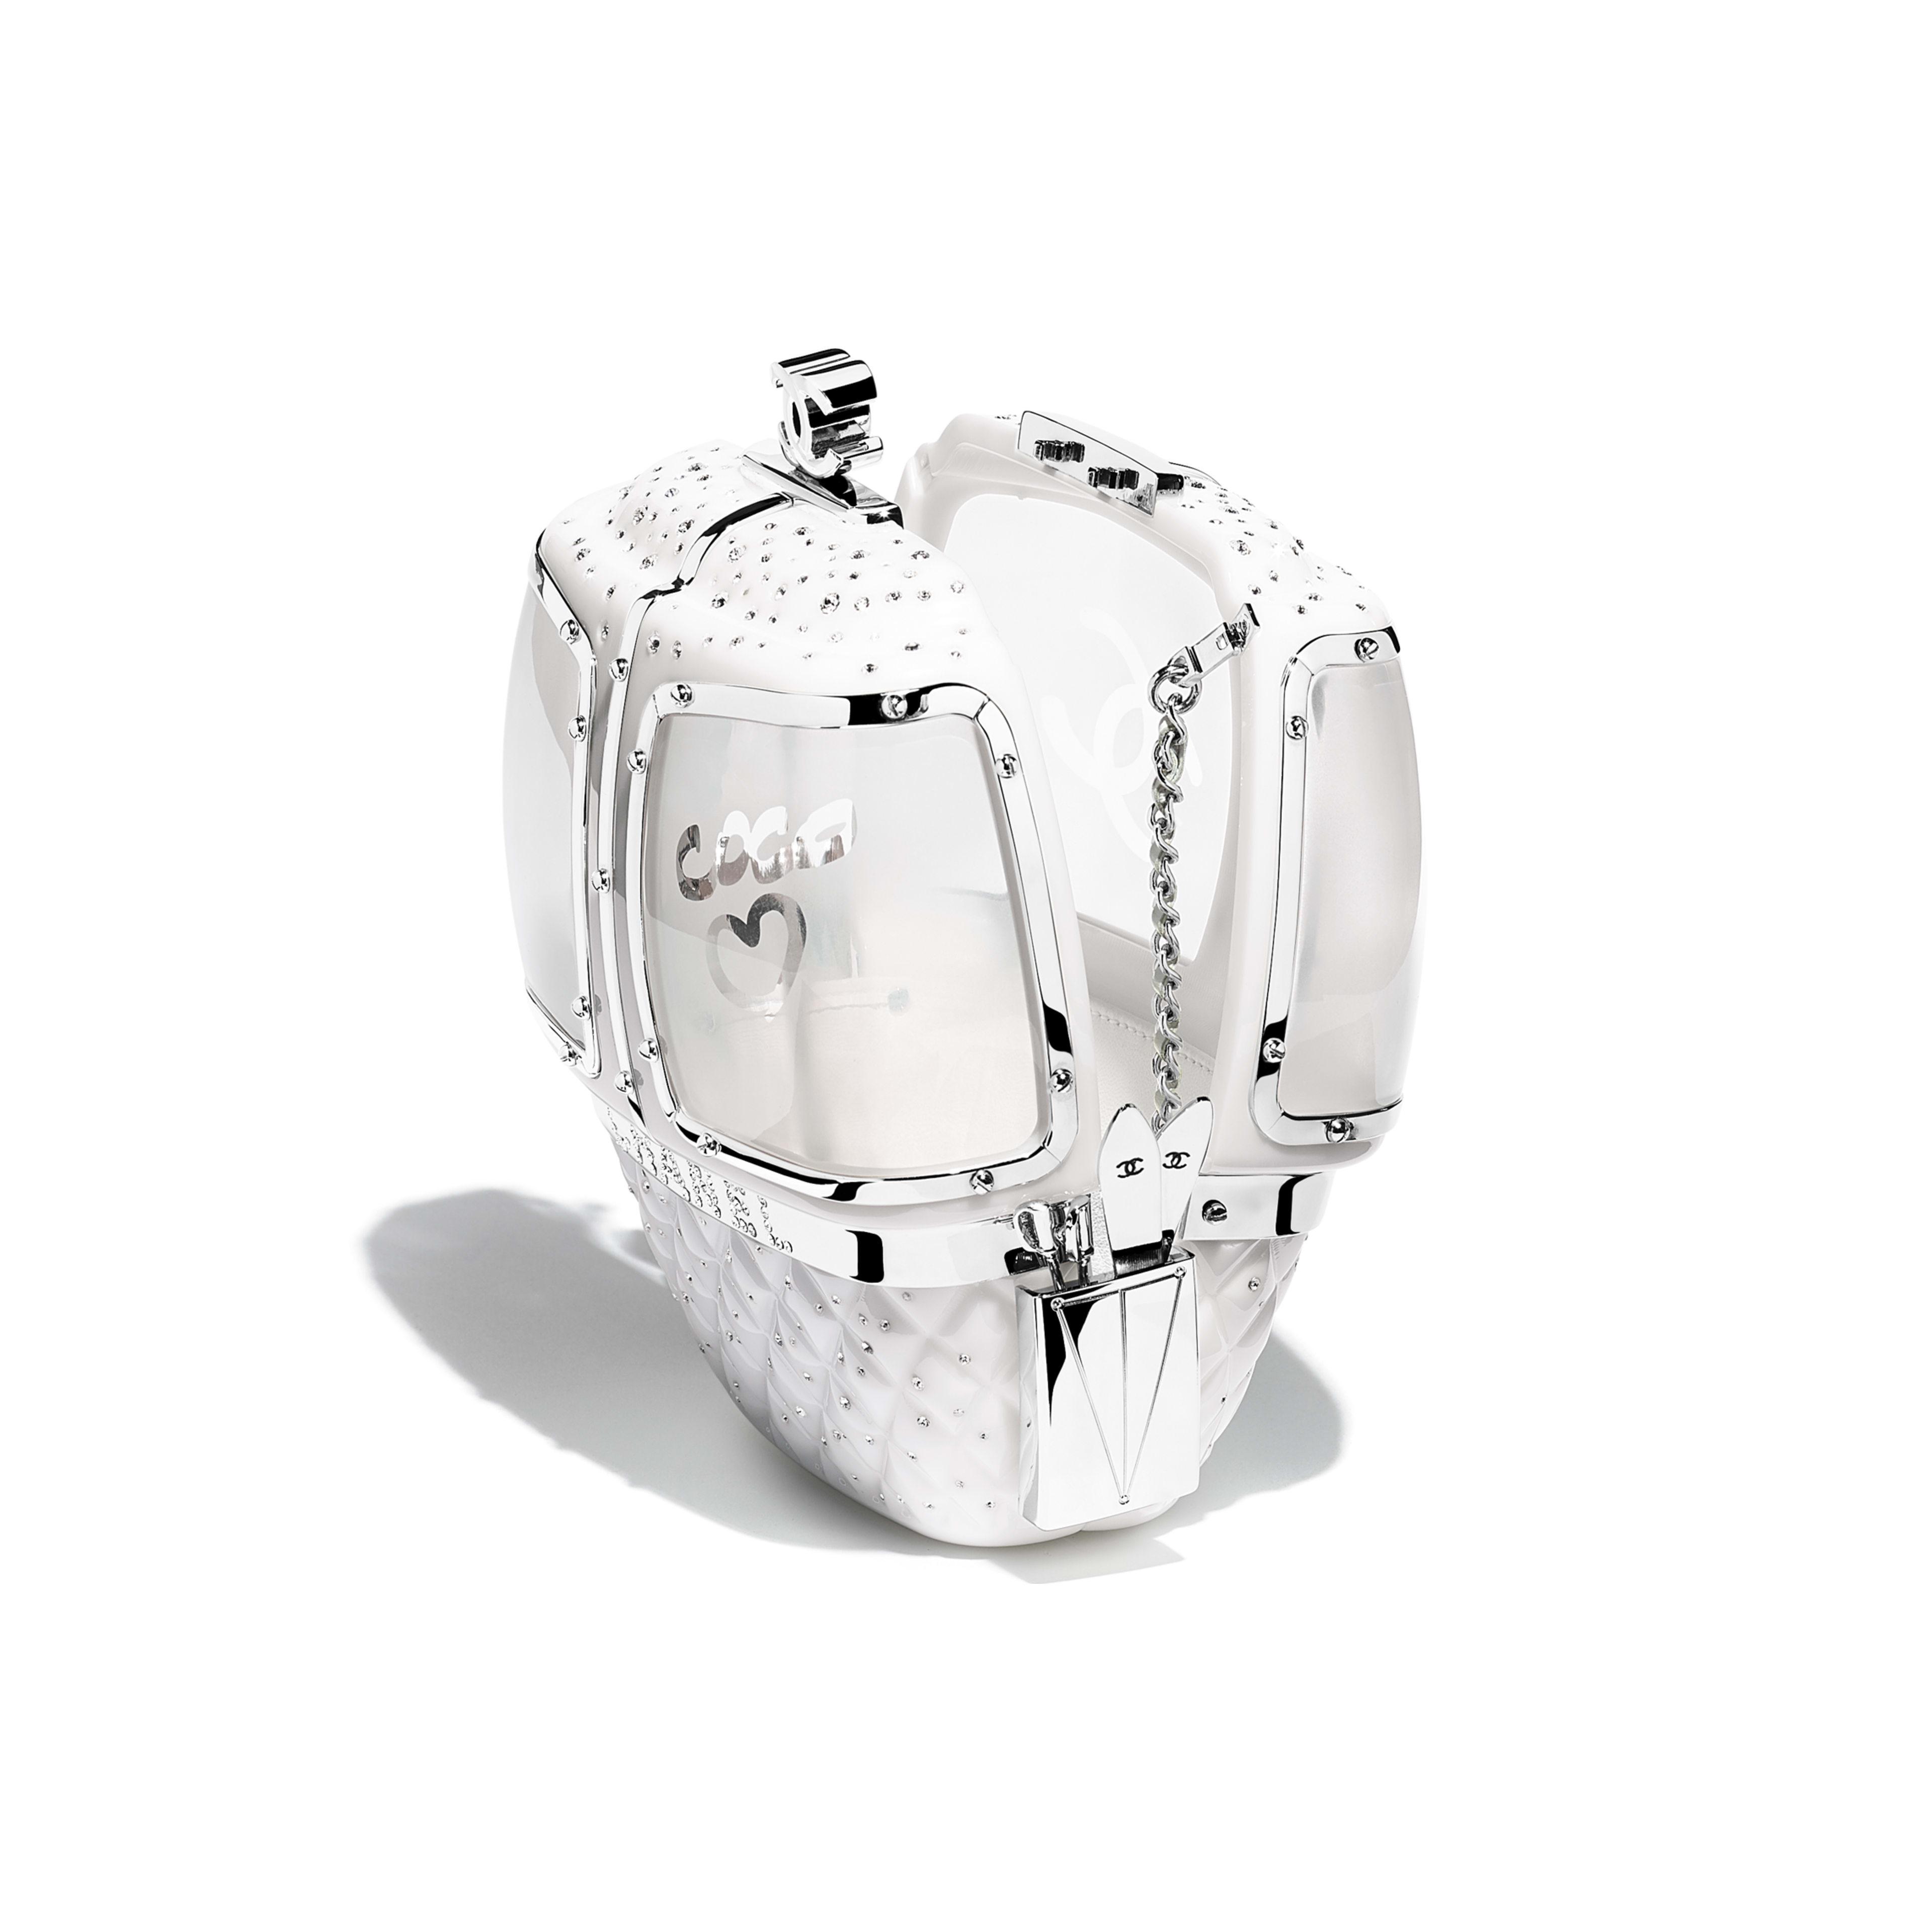 กระเป๋าสำหรับงานกลางคืน - สีขาว - เรซิน, คริสตัล และโลหะสีเงิน - มุมมองอื่น - ดูเวอร์ชันขนาดเต็ม